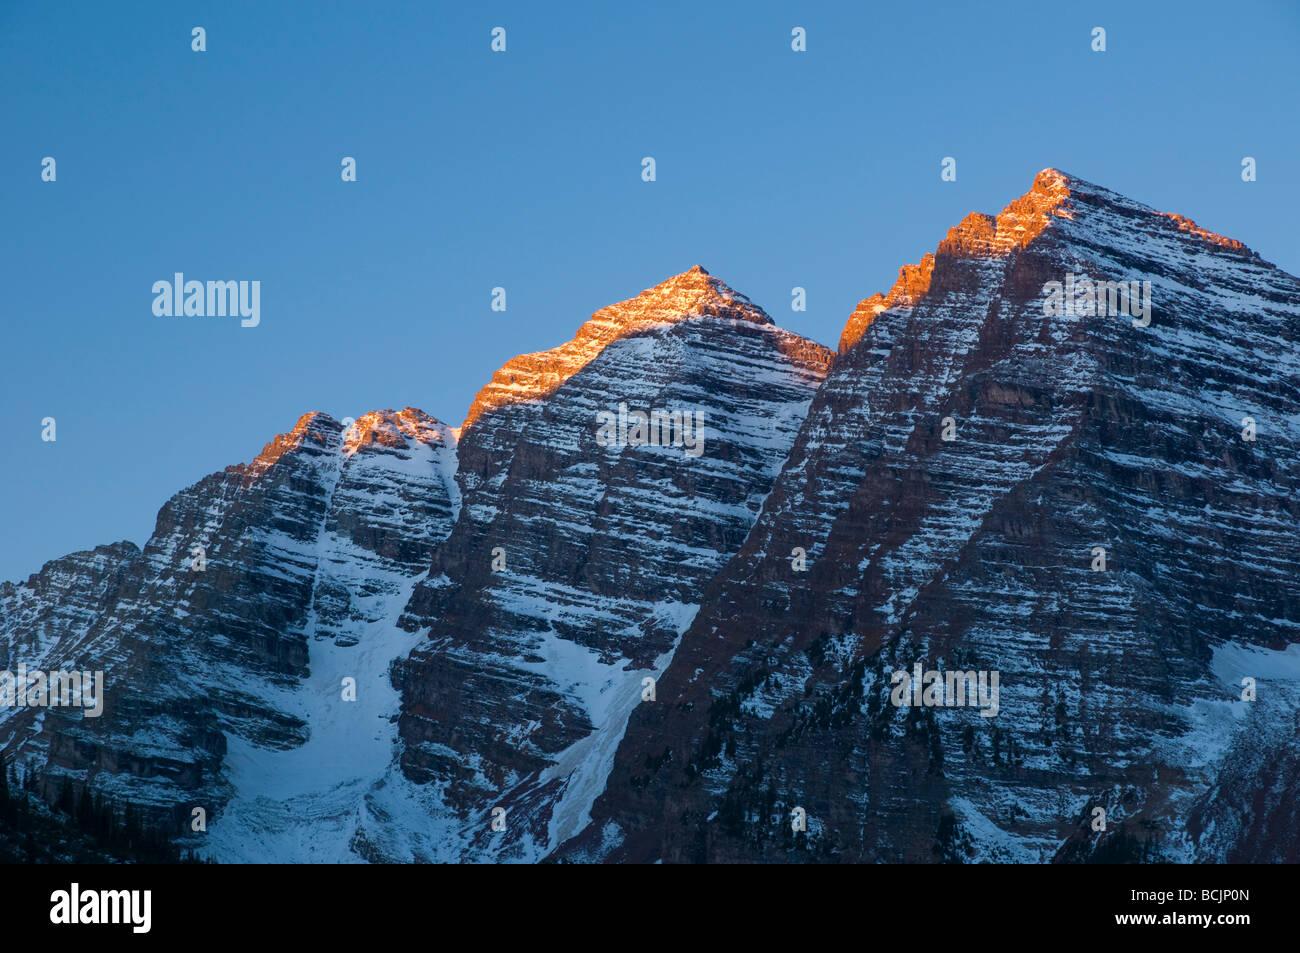 USA, Colorado, Maroon Bells - Stock Image